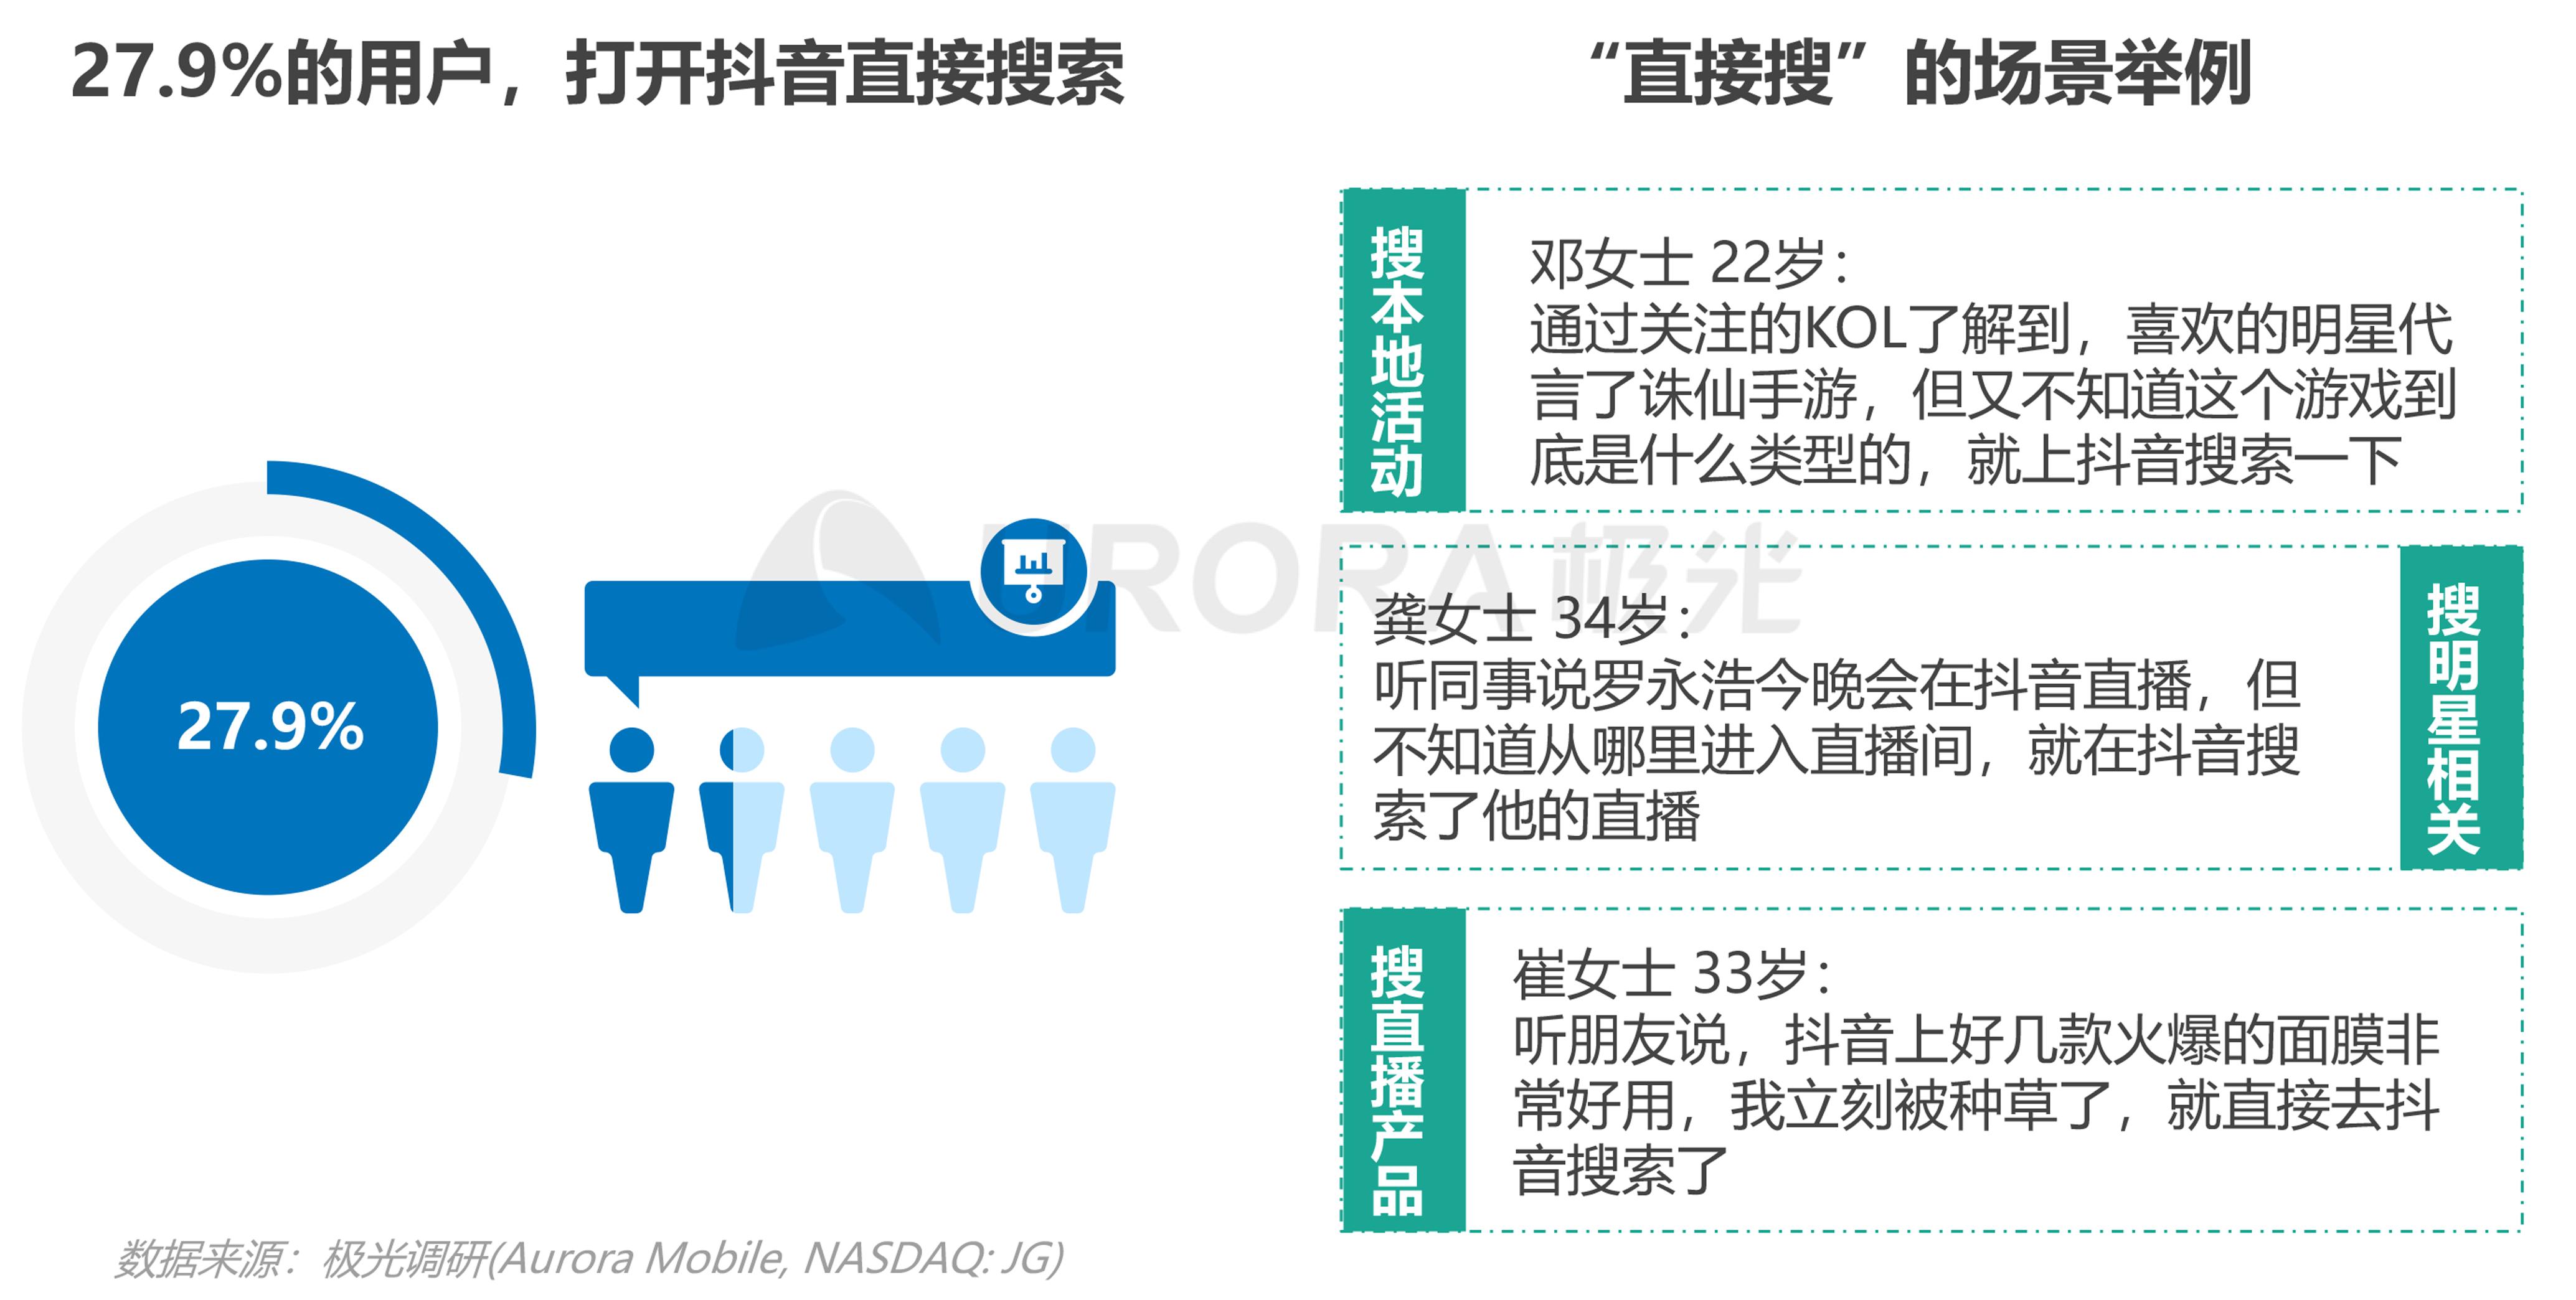 极光:内容生态搜索趋势报告png (26).png